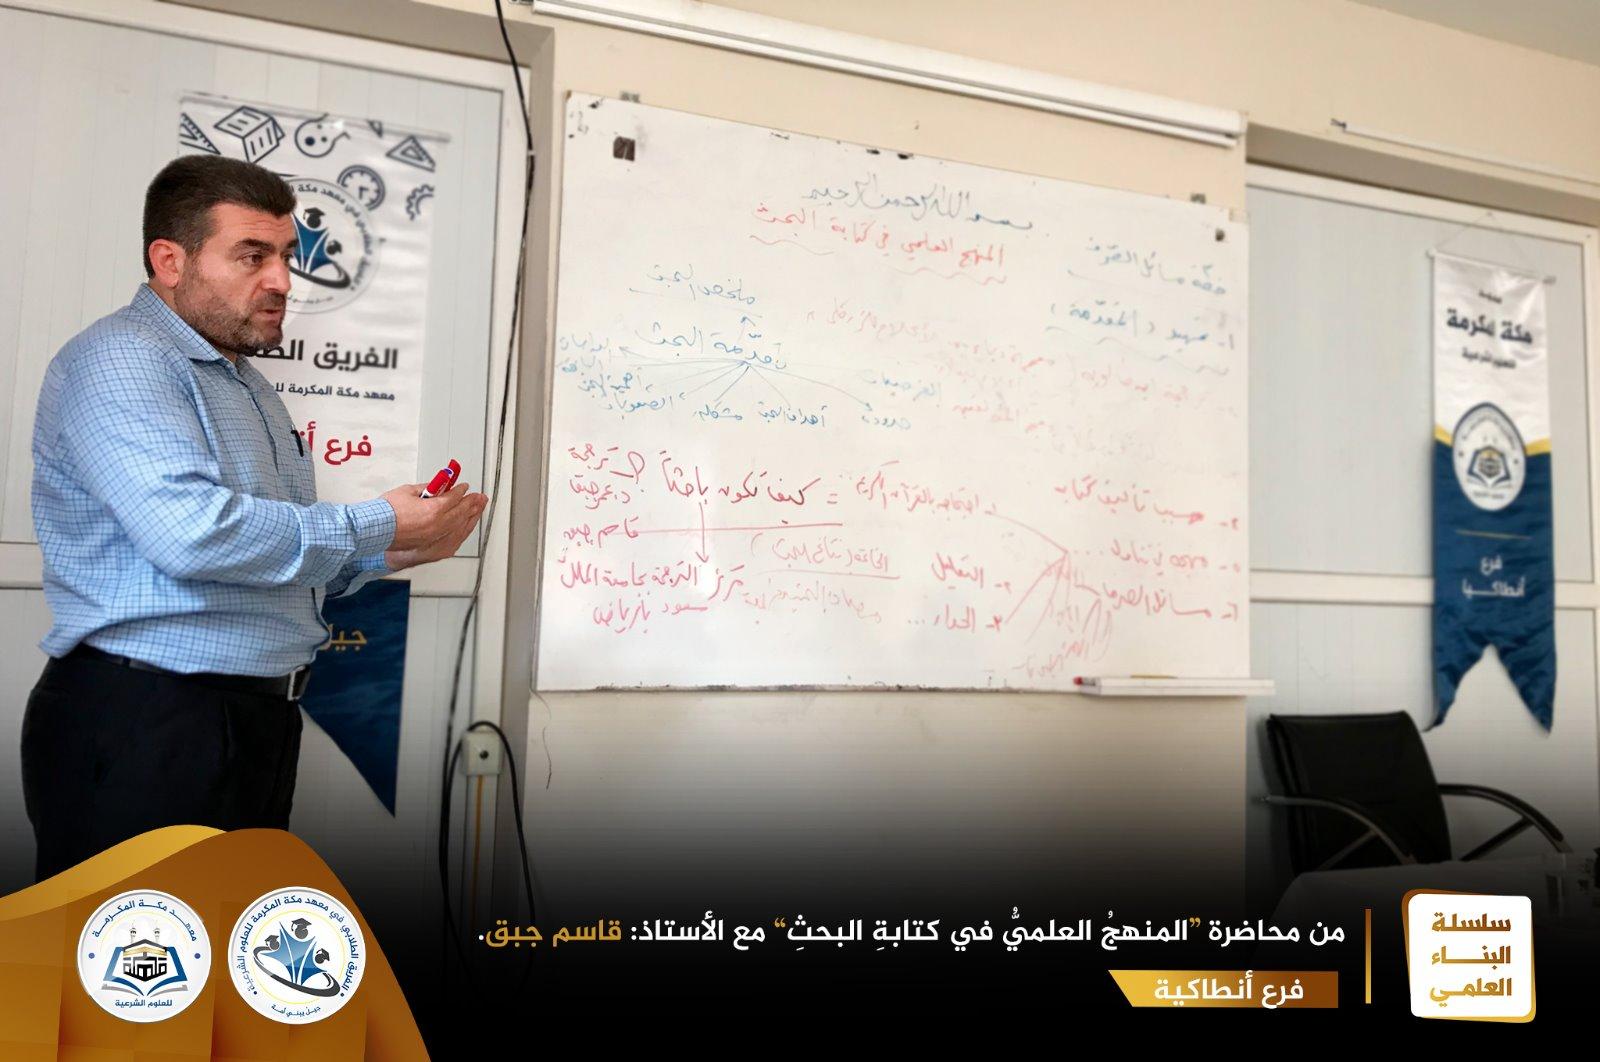 الفريق الطلابي في فرع المعهد في أنطاكية يُنظمَّ محاضرة حول (المَنْهَجُ العِلْمِيُّ في كتابة البَحث)